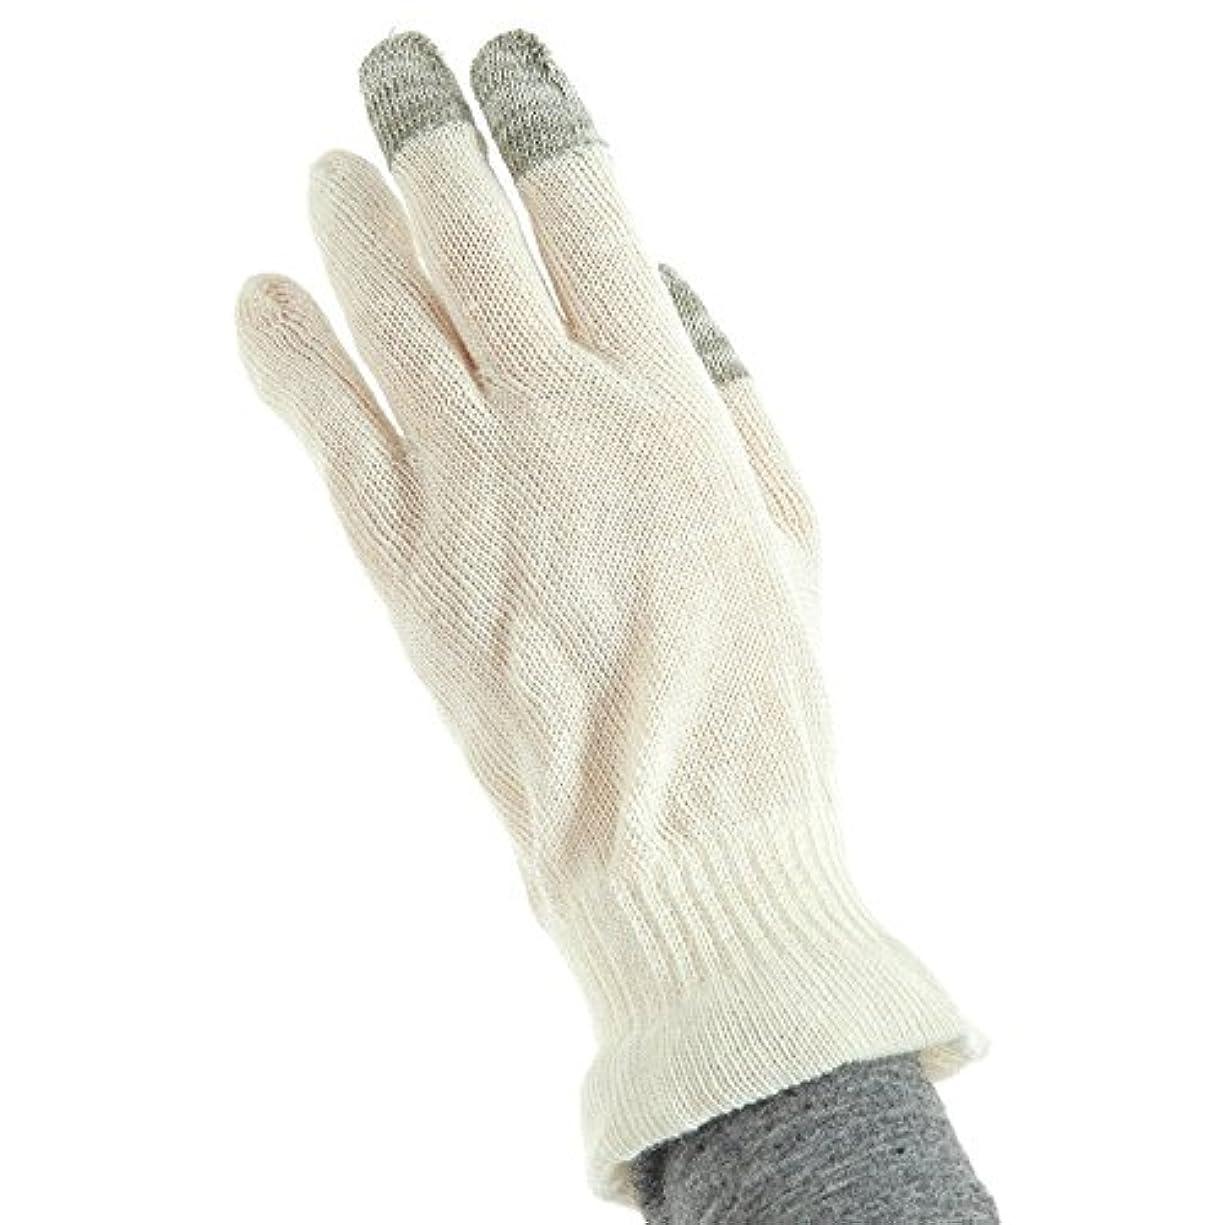 流出メンダシティ薄いです麻福 ヘンプ おやすみ 手袋 スマホ対応 男性用 L きなり 天然 ヘンプ素材 (麻) タッチパネル スマートフォン対応 肌に優しい 乾燥対策